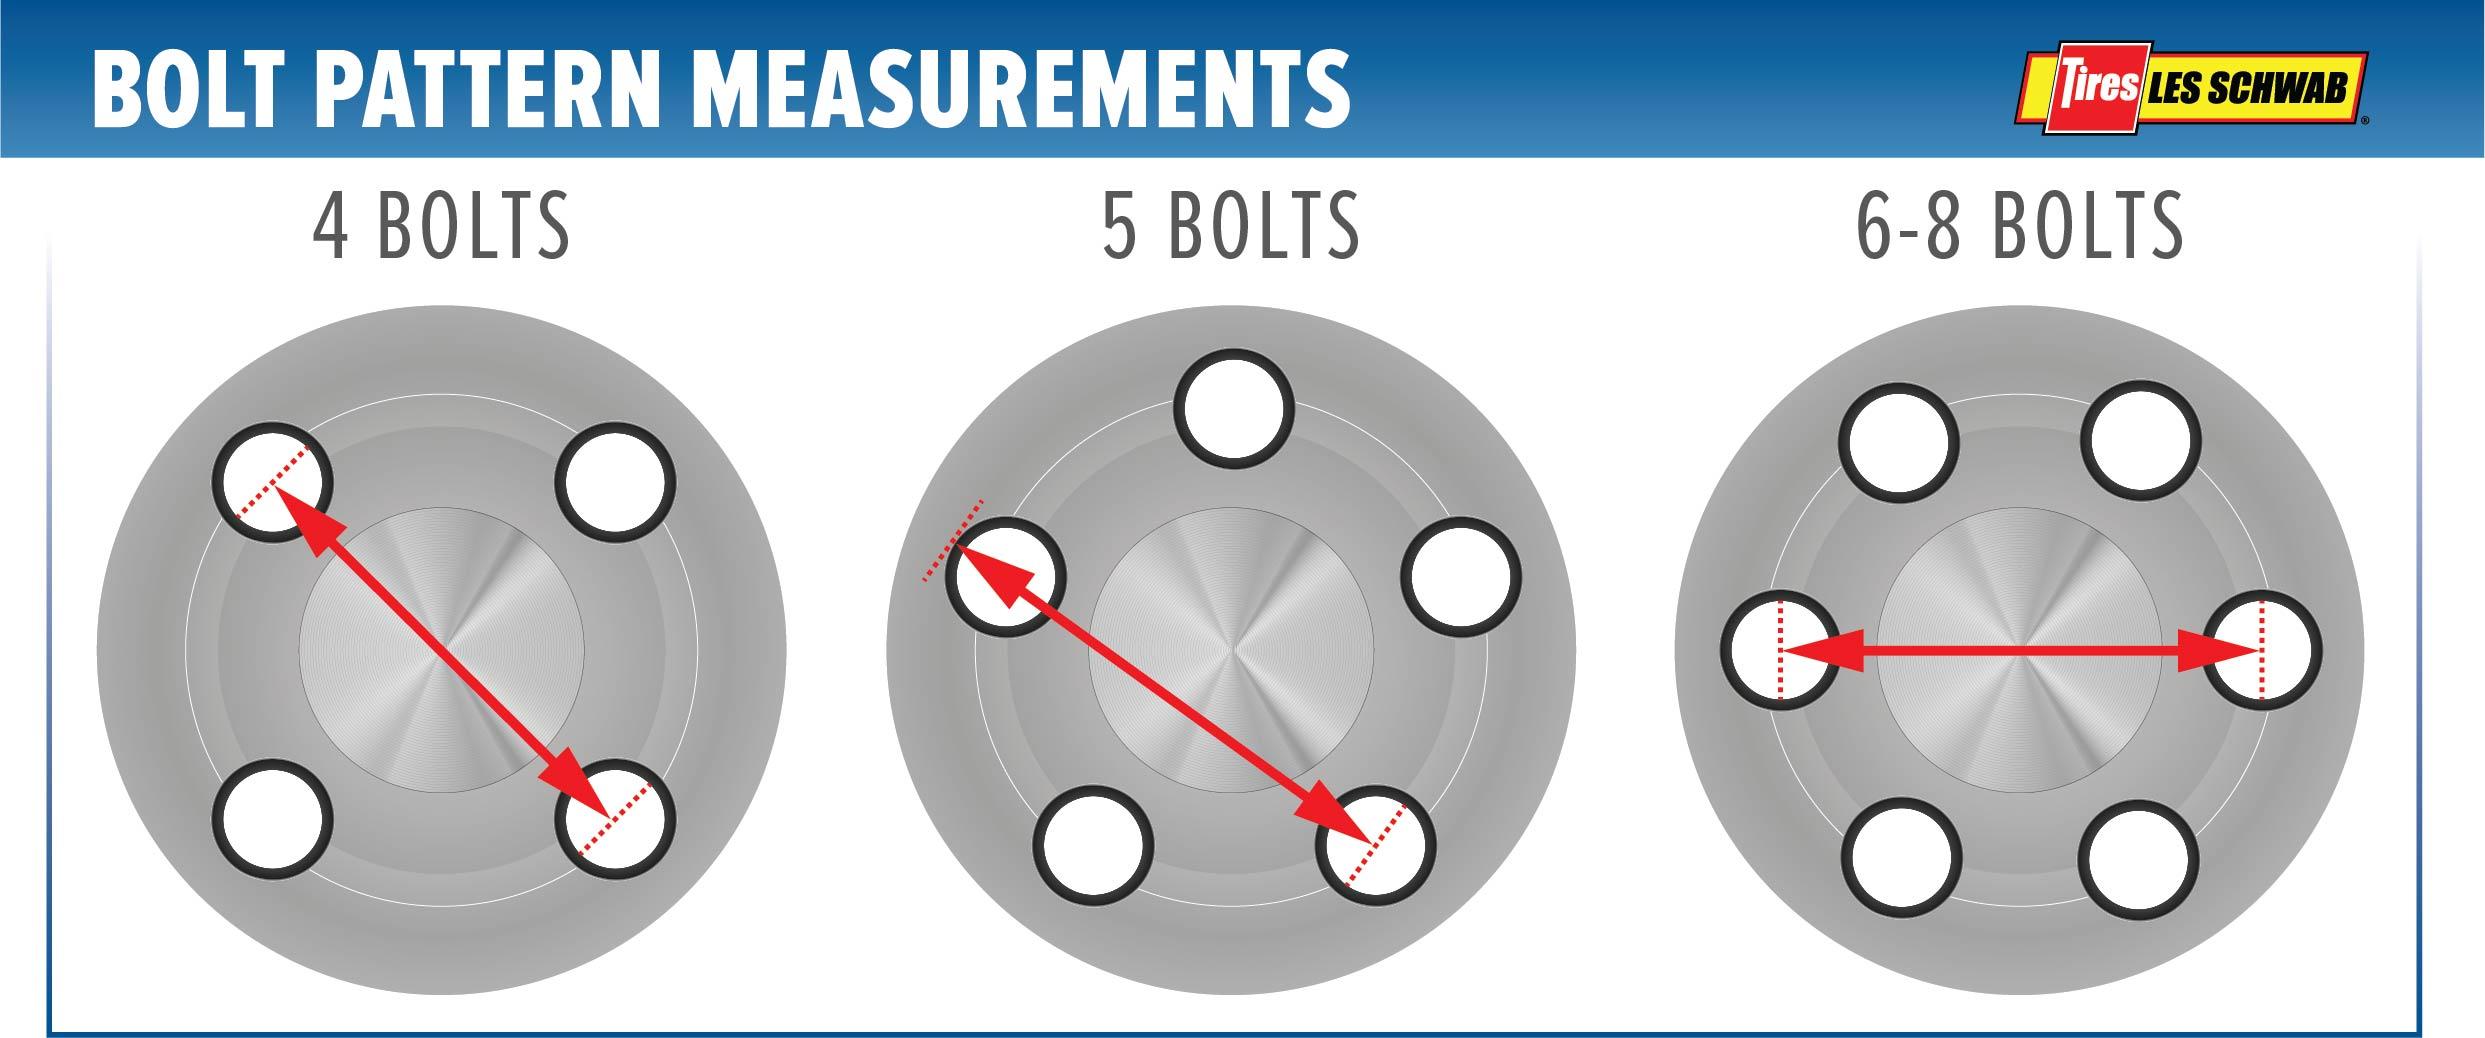 Bolt Pattern Measurements